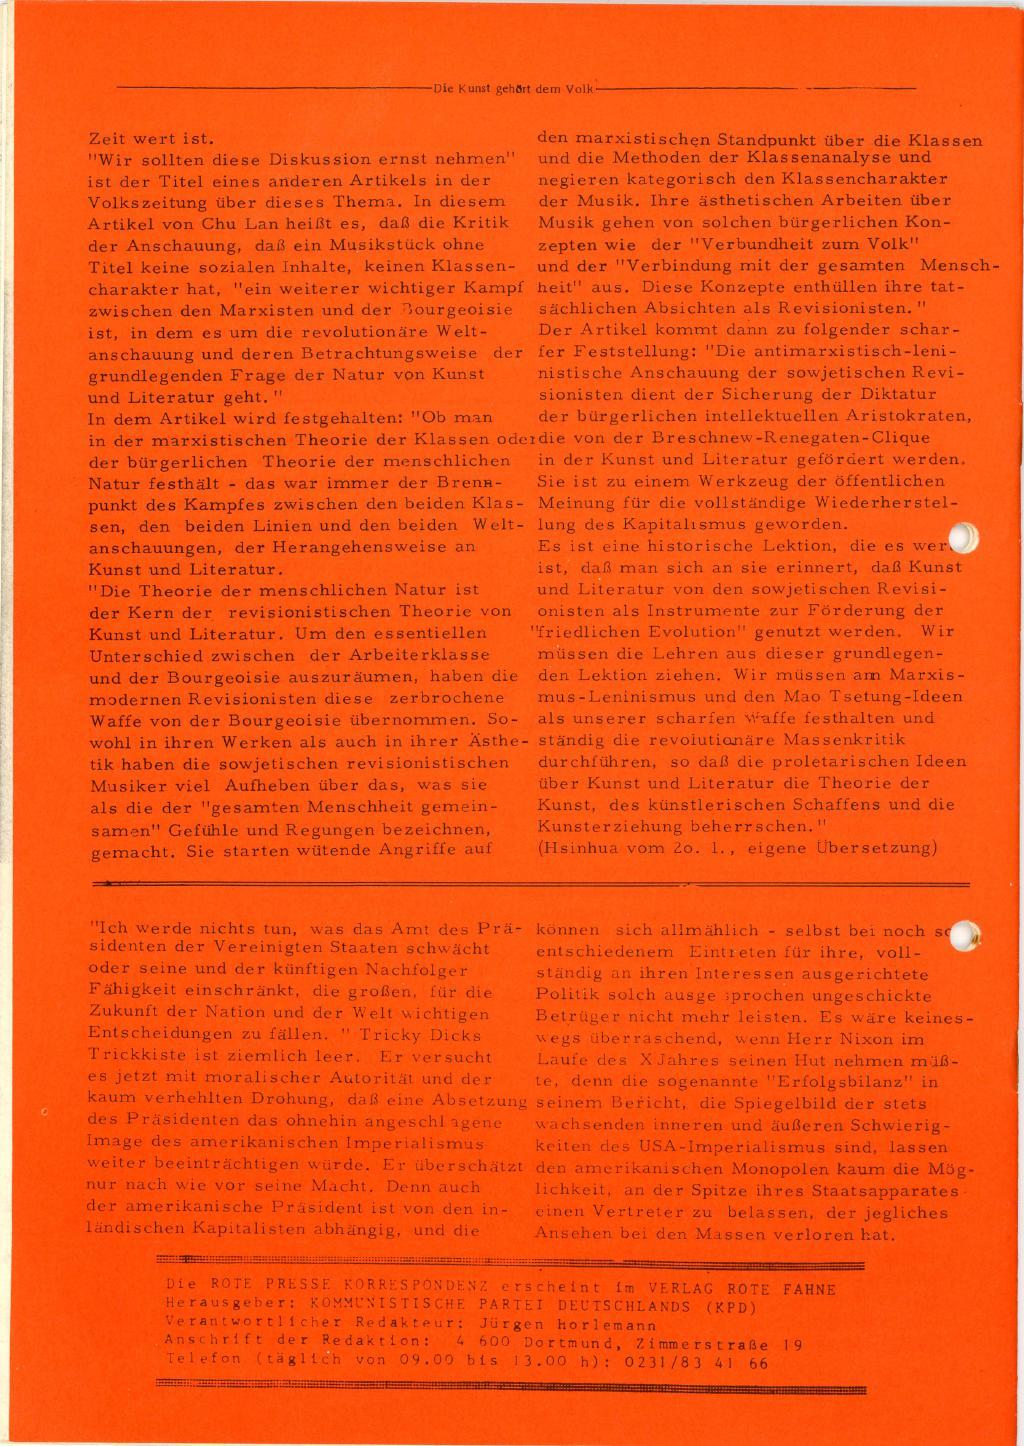 RPK_1974_05_20